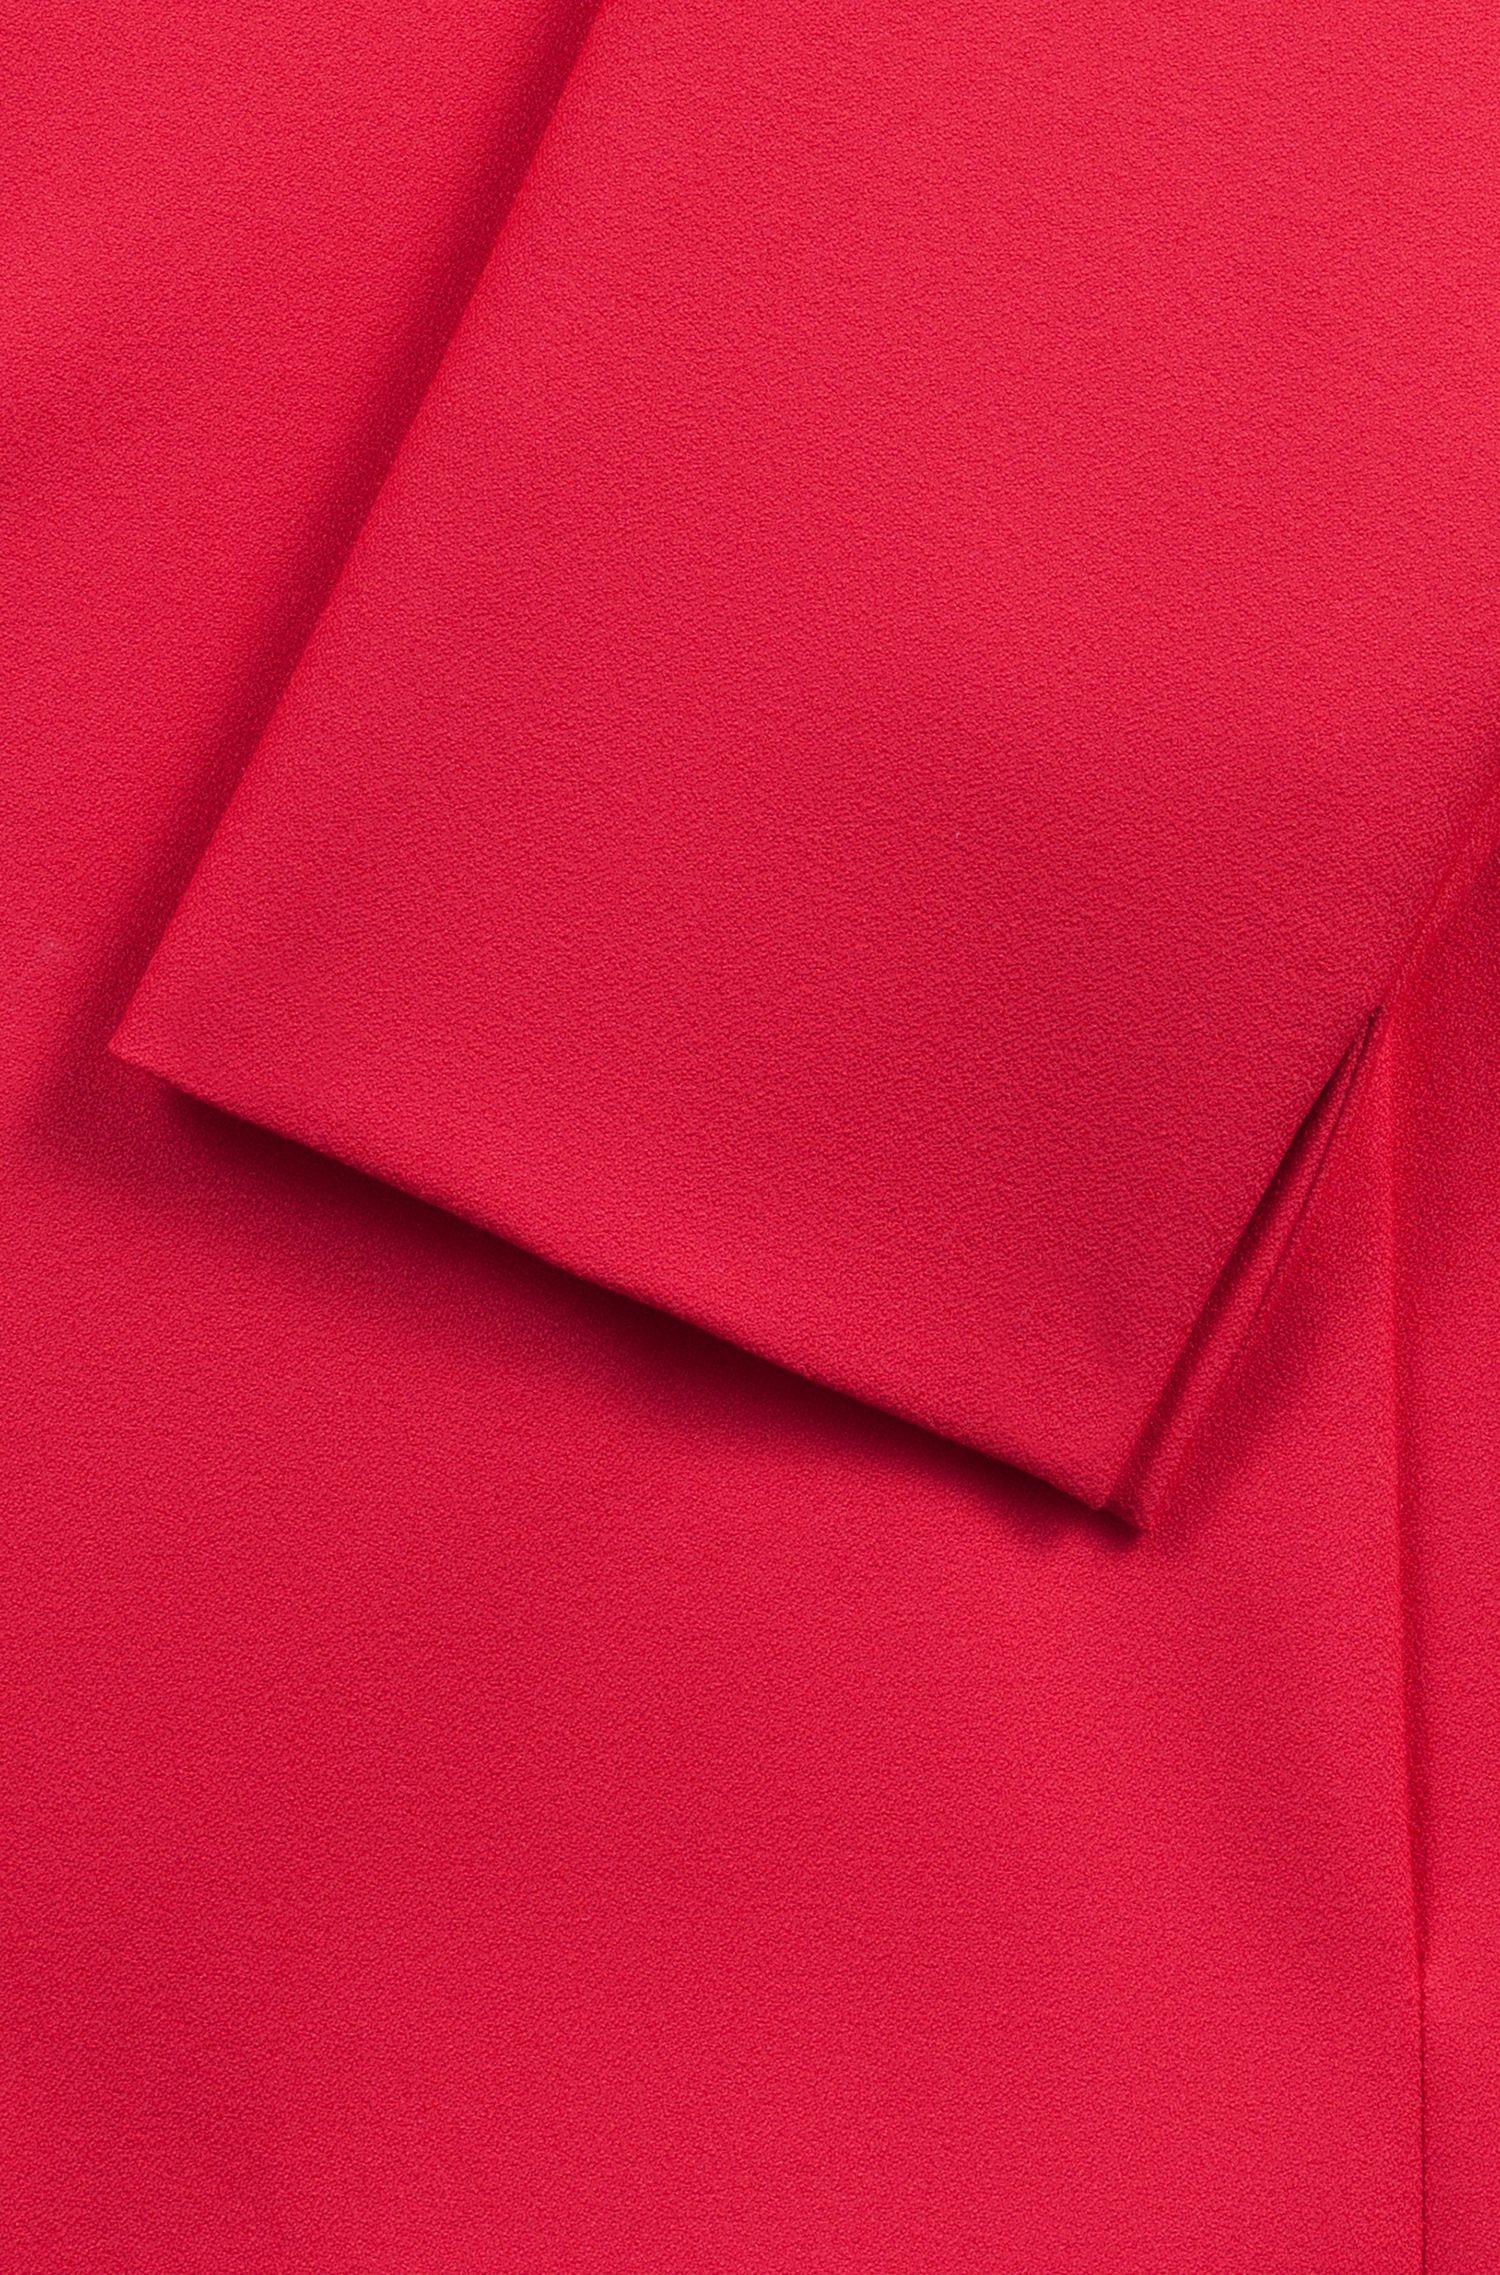 Chaqueta relaxed fit en crepé elástico con lazo en la cintura, Pink